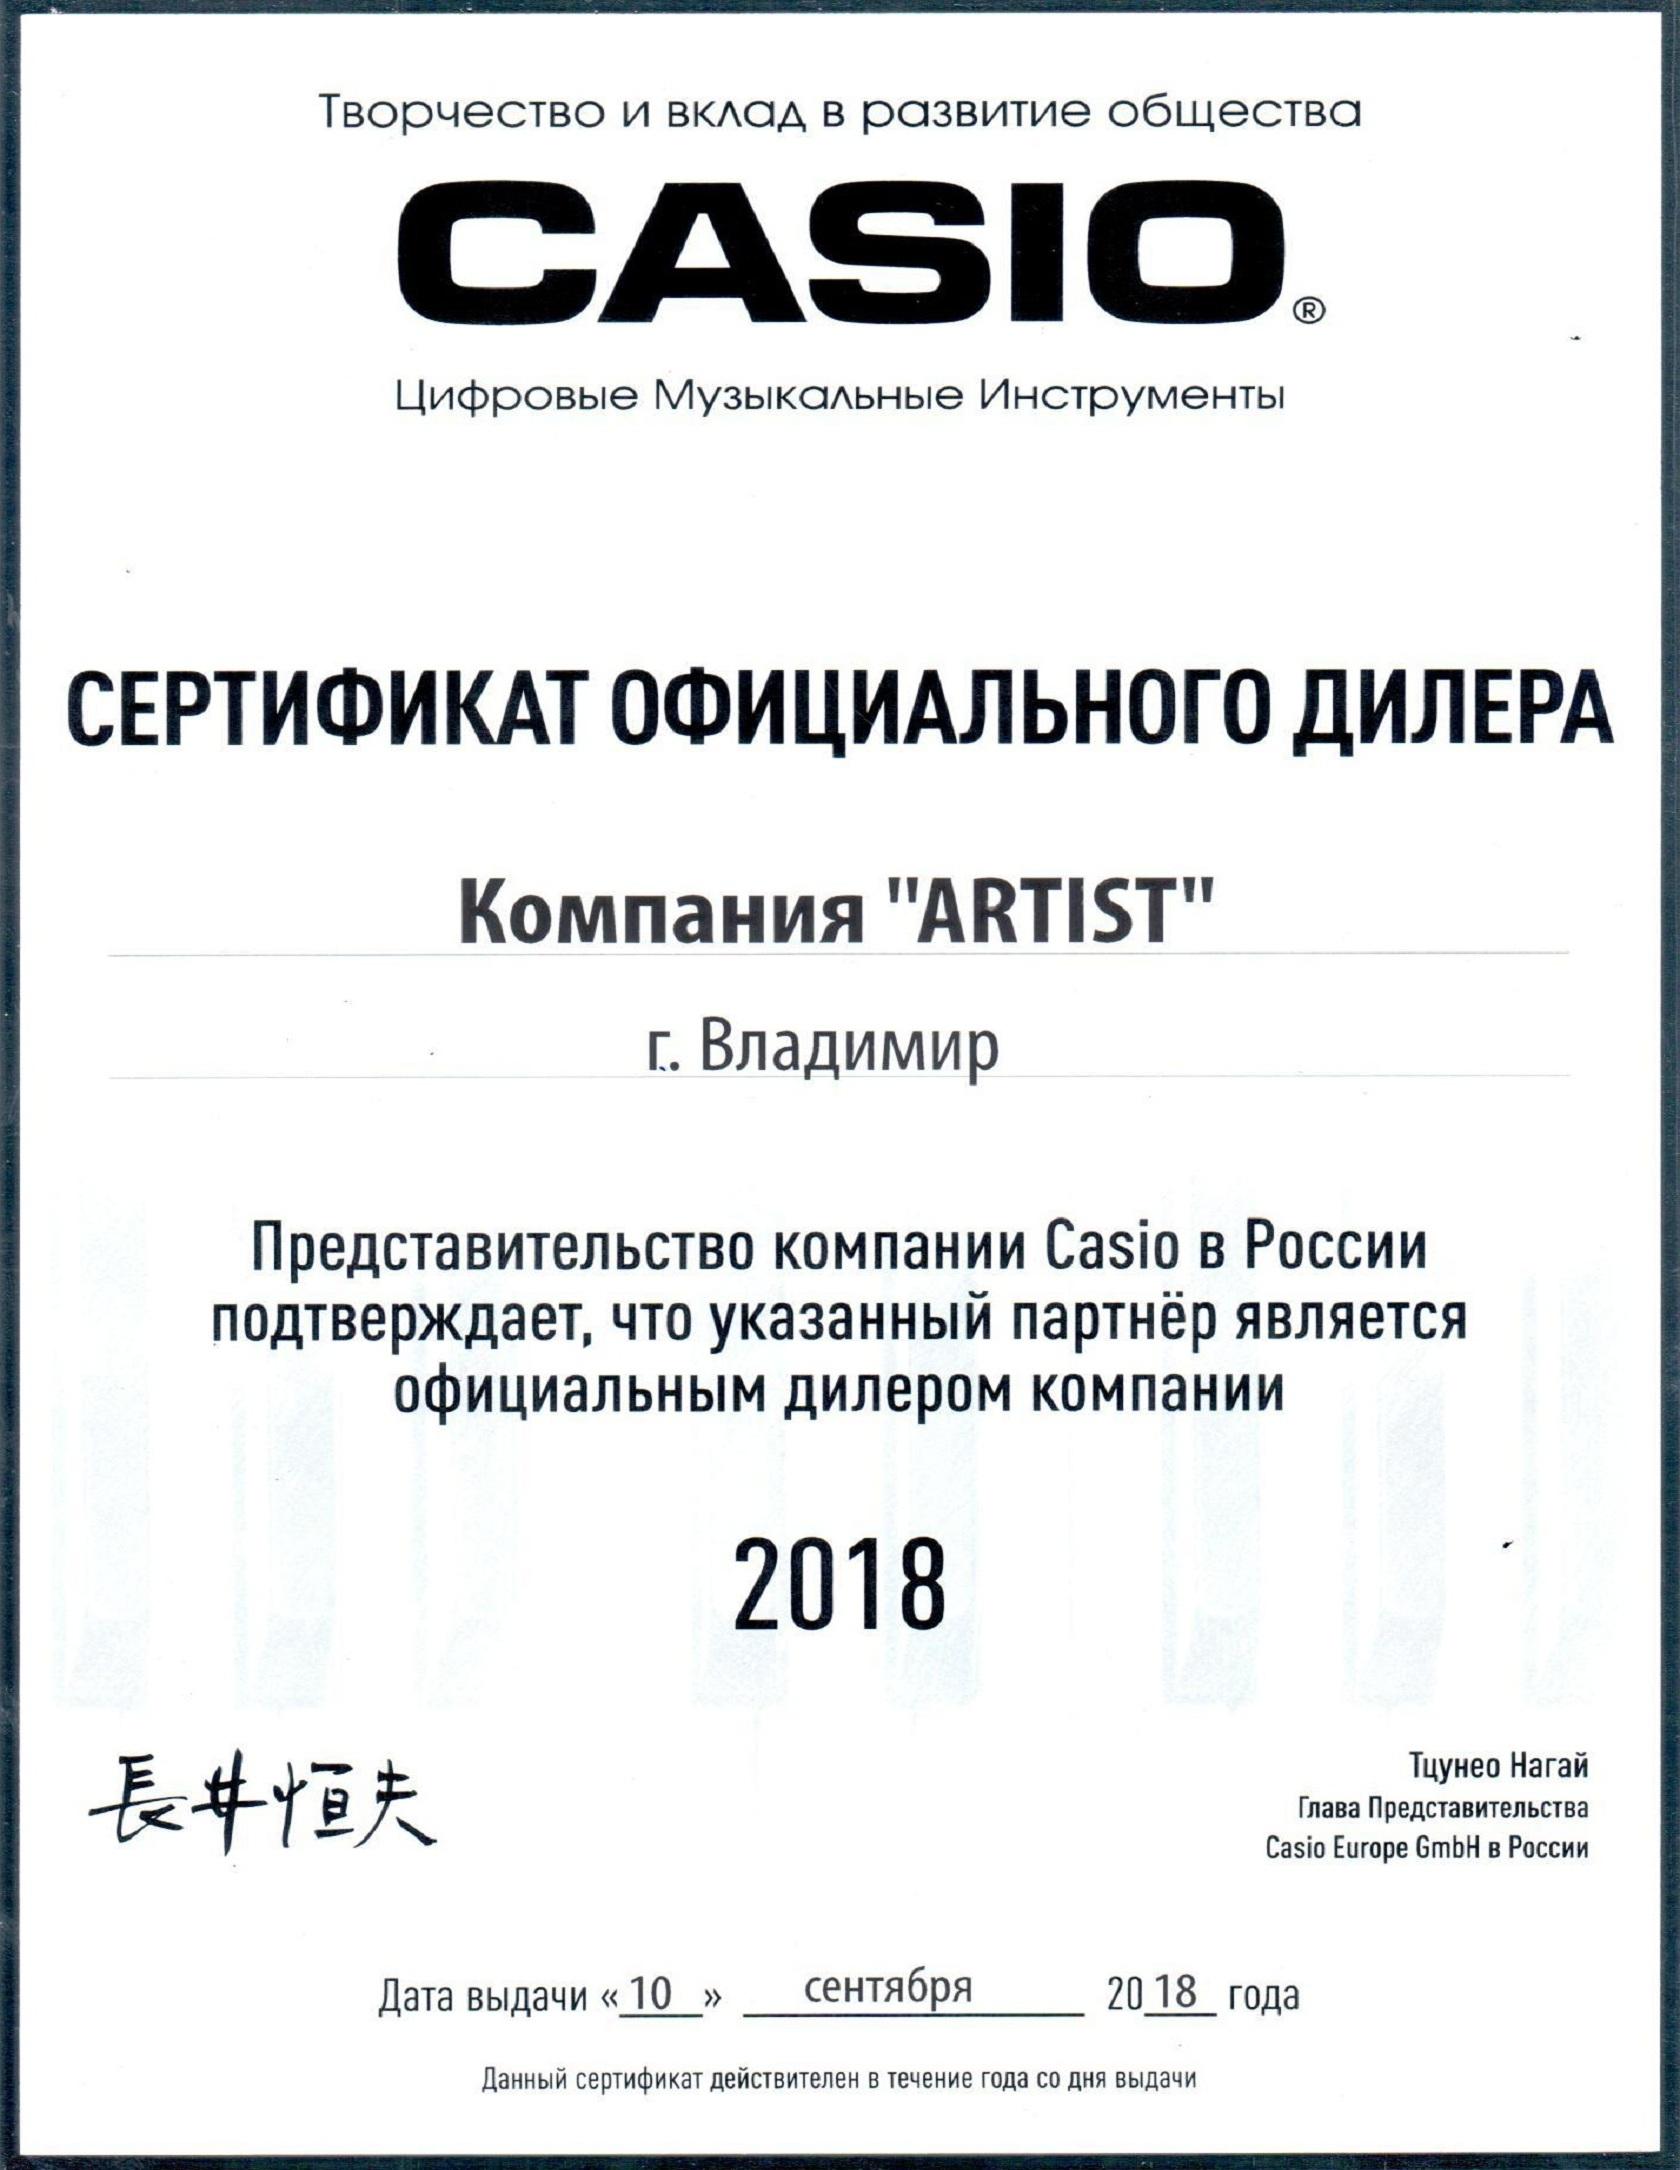 Касио 2018